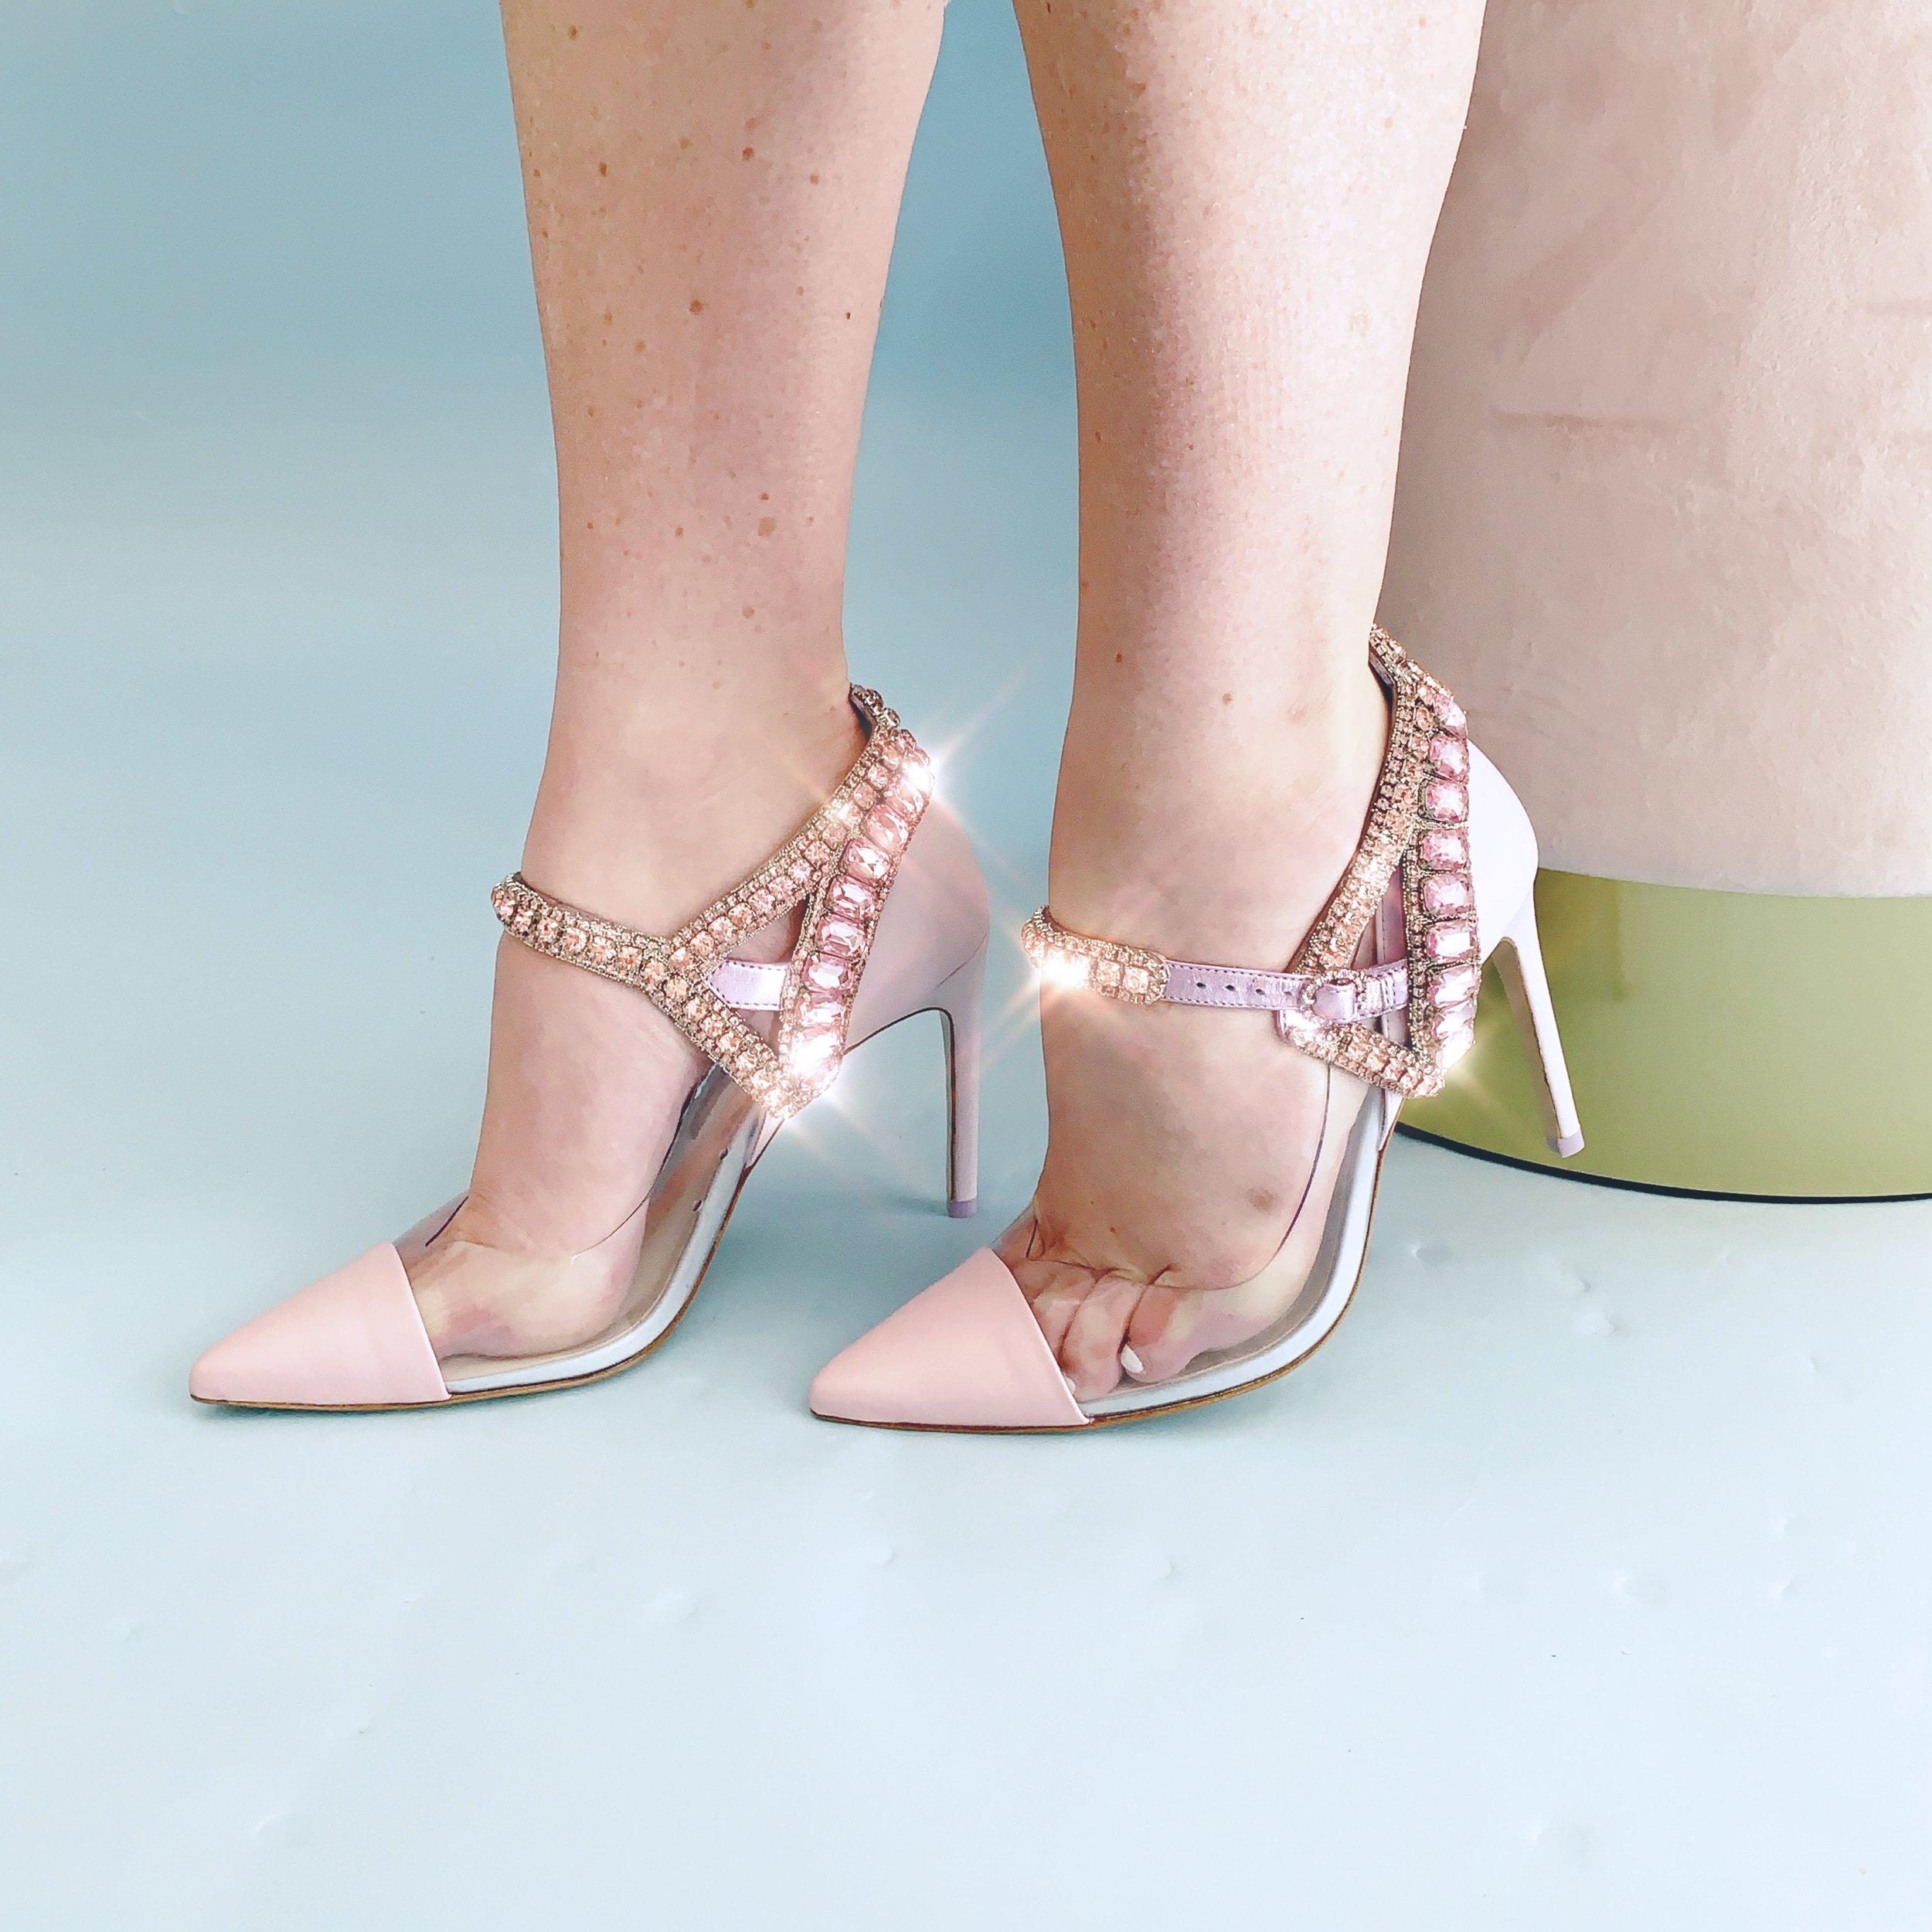 the-caroline-doll-blog-lorena-crystal-harness-sophia-webster-shoe-guide.JPG